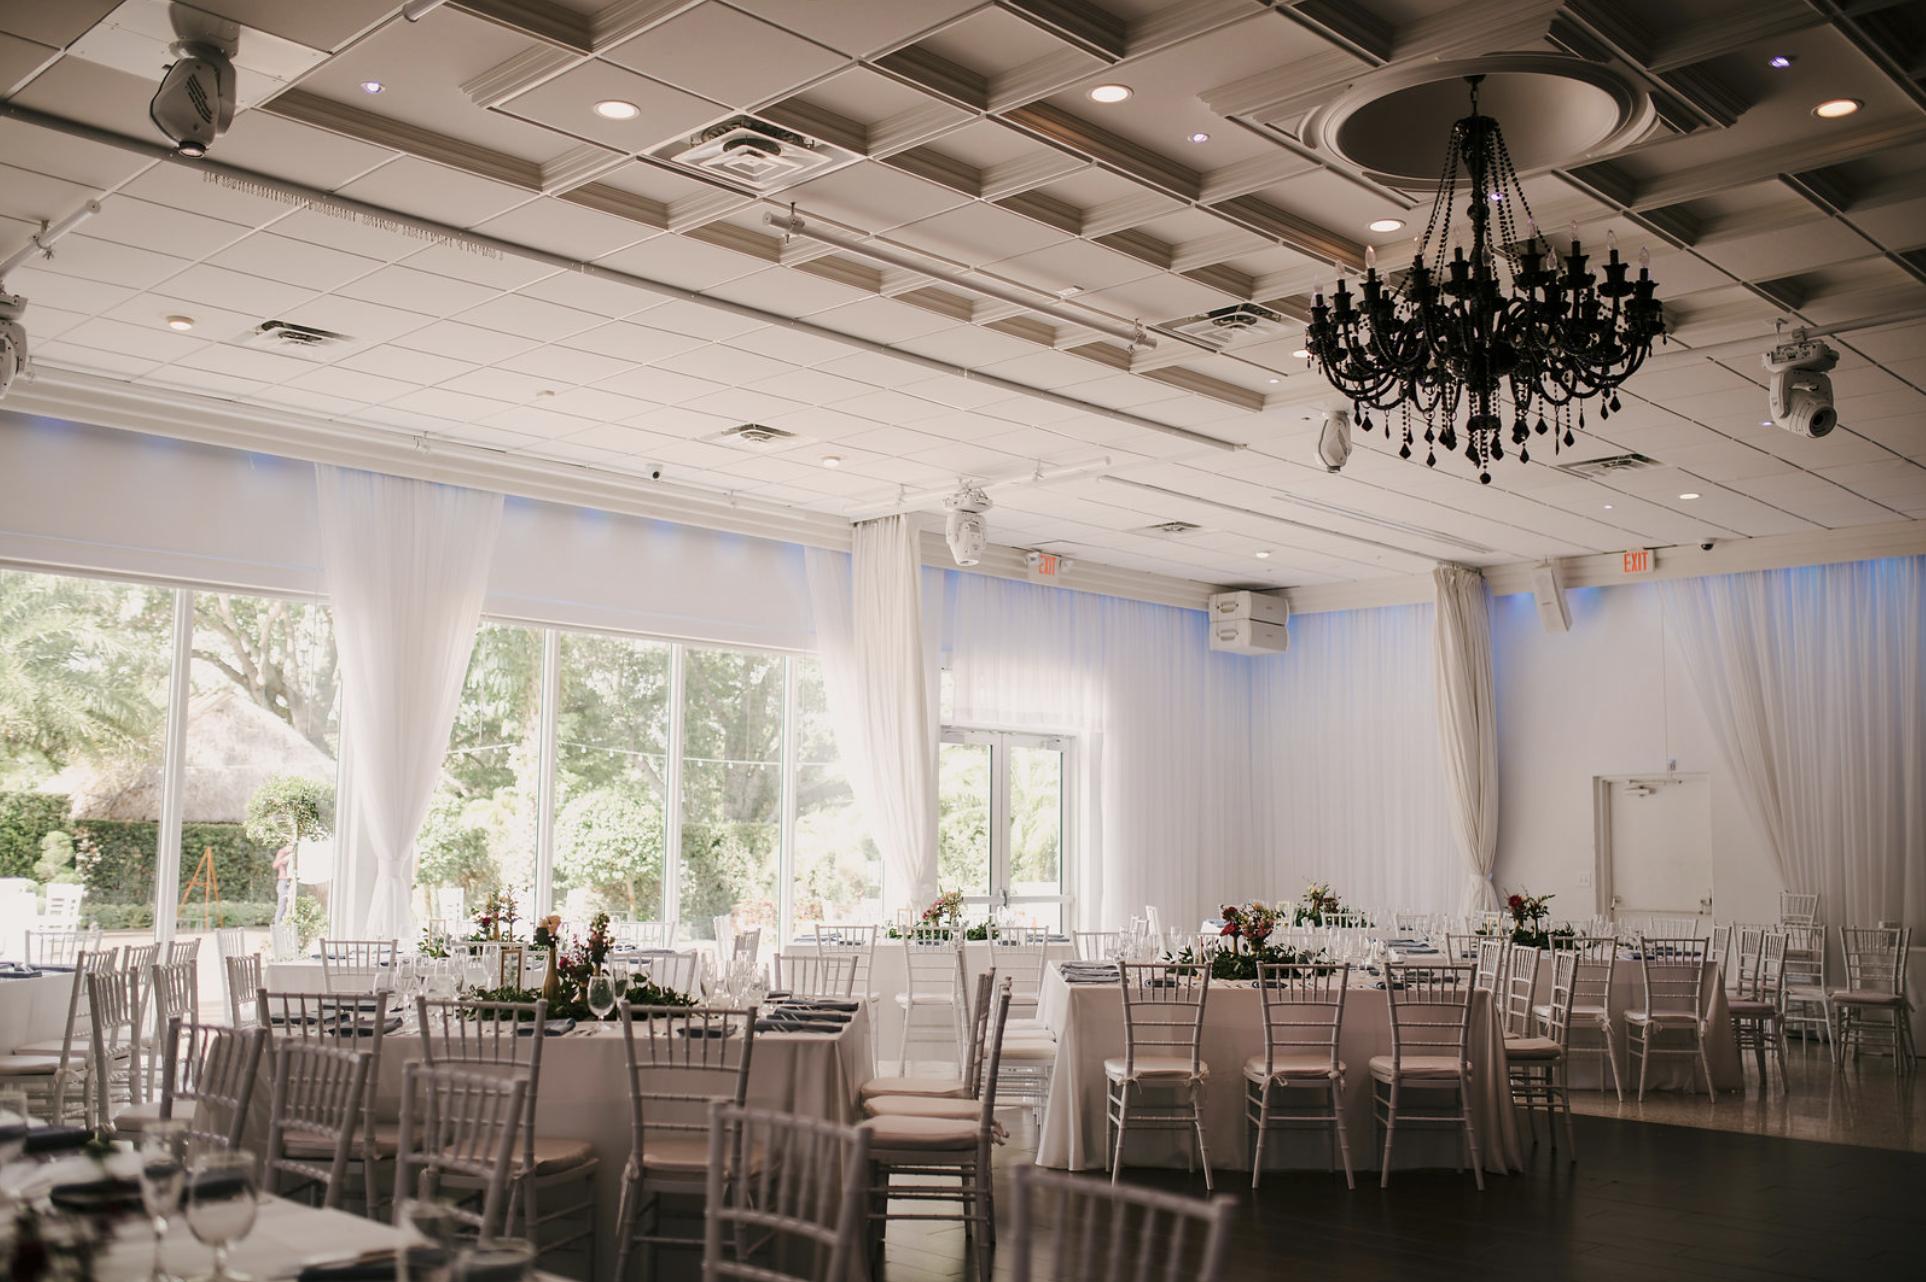 Lavan Broward Ft Lauderdale Event Venue 4.09.23 PM.png